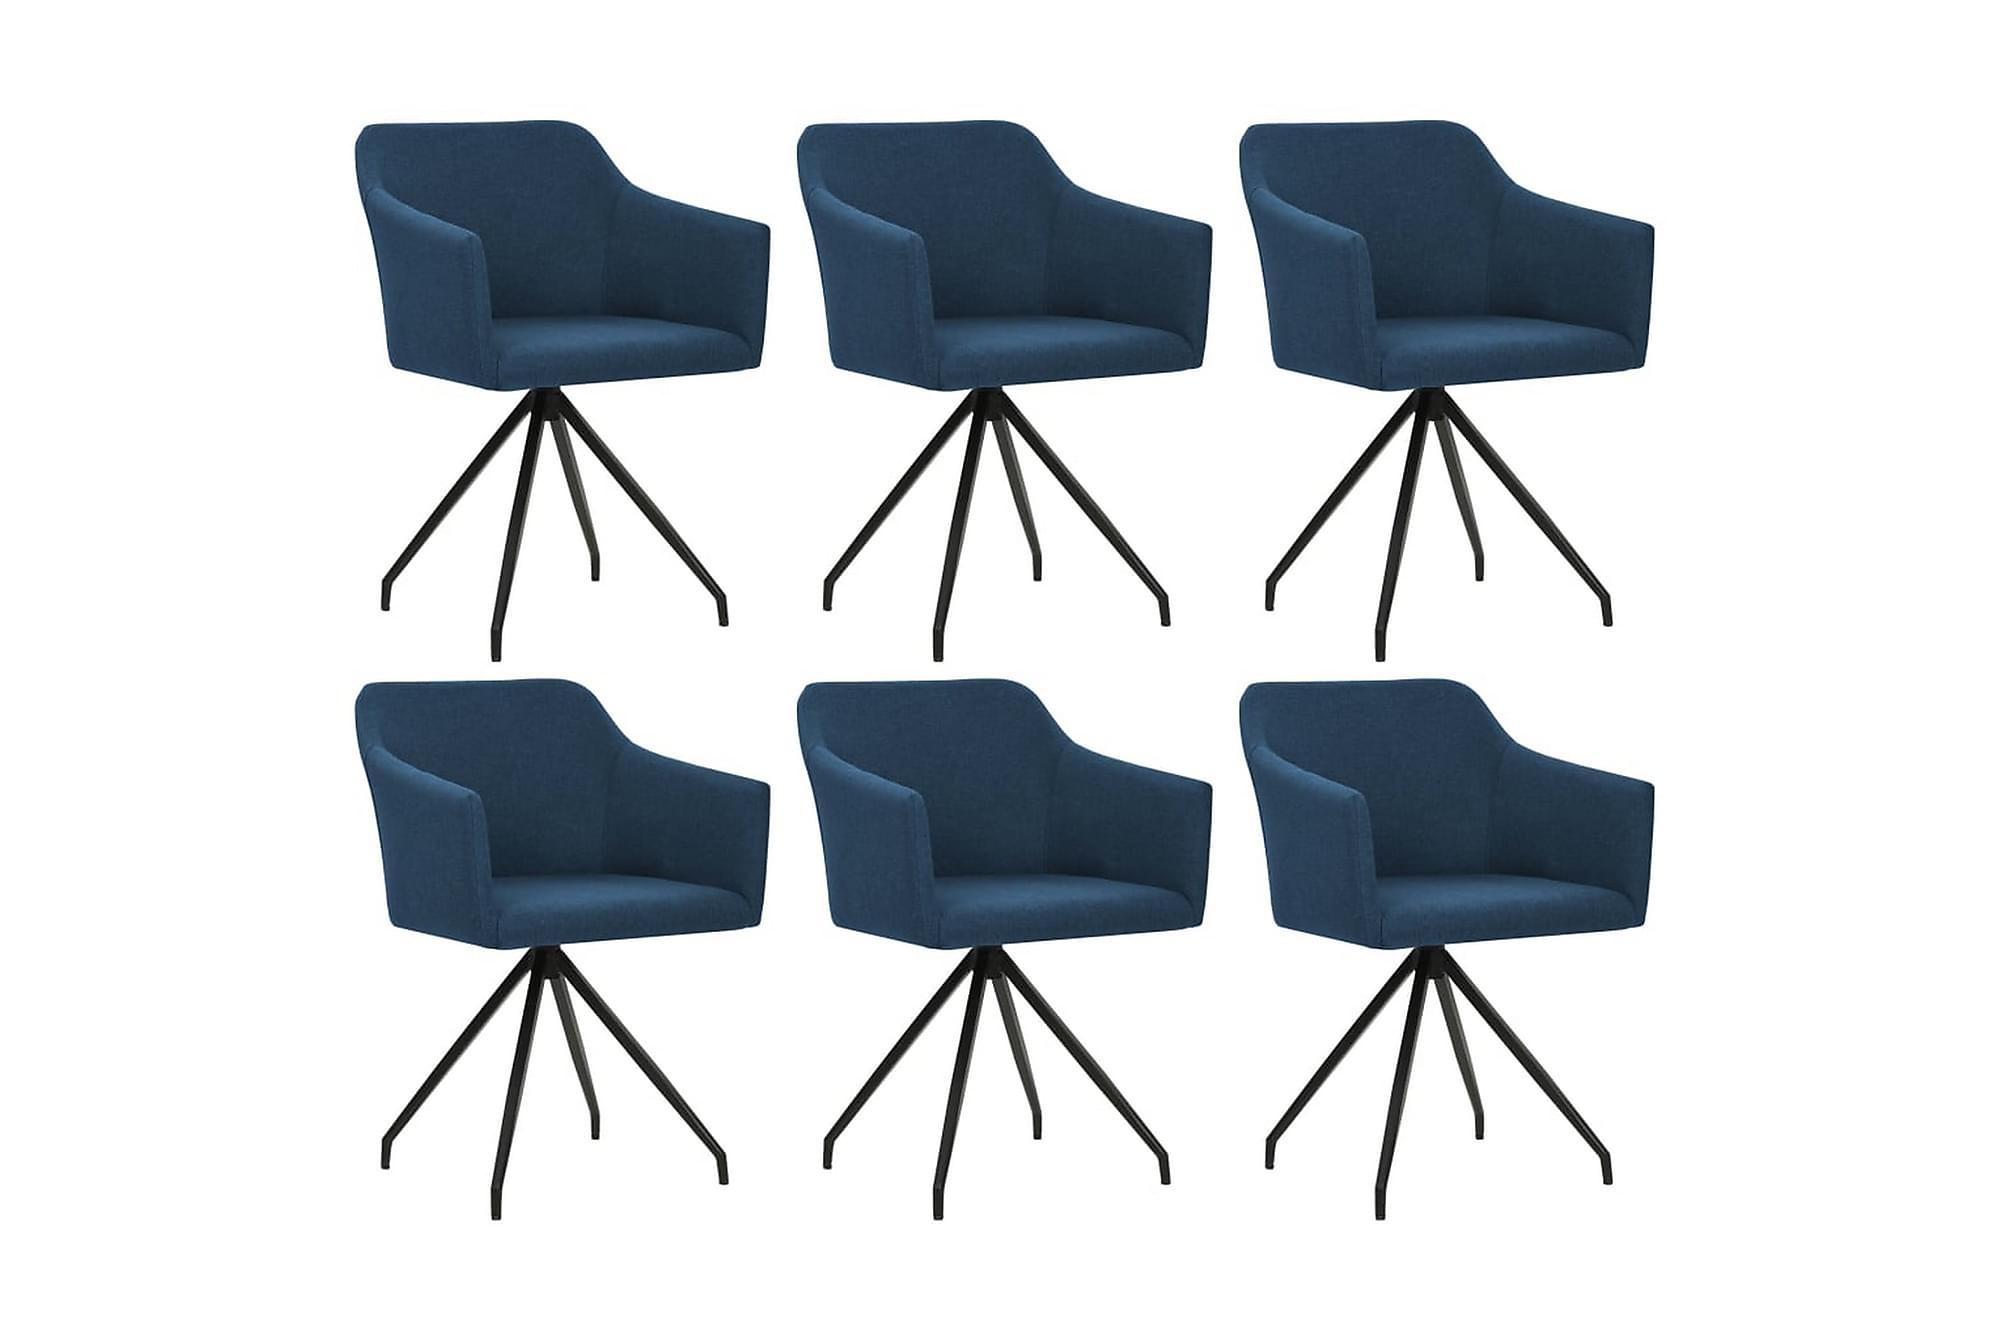 Matstol 6 st snurrbar tyg blå